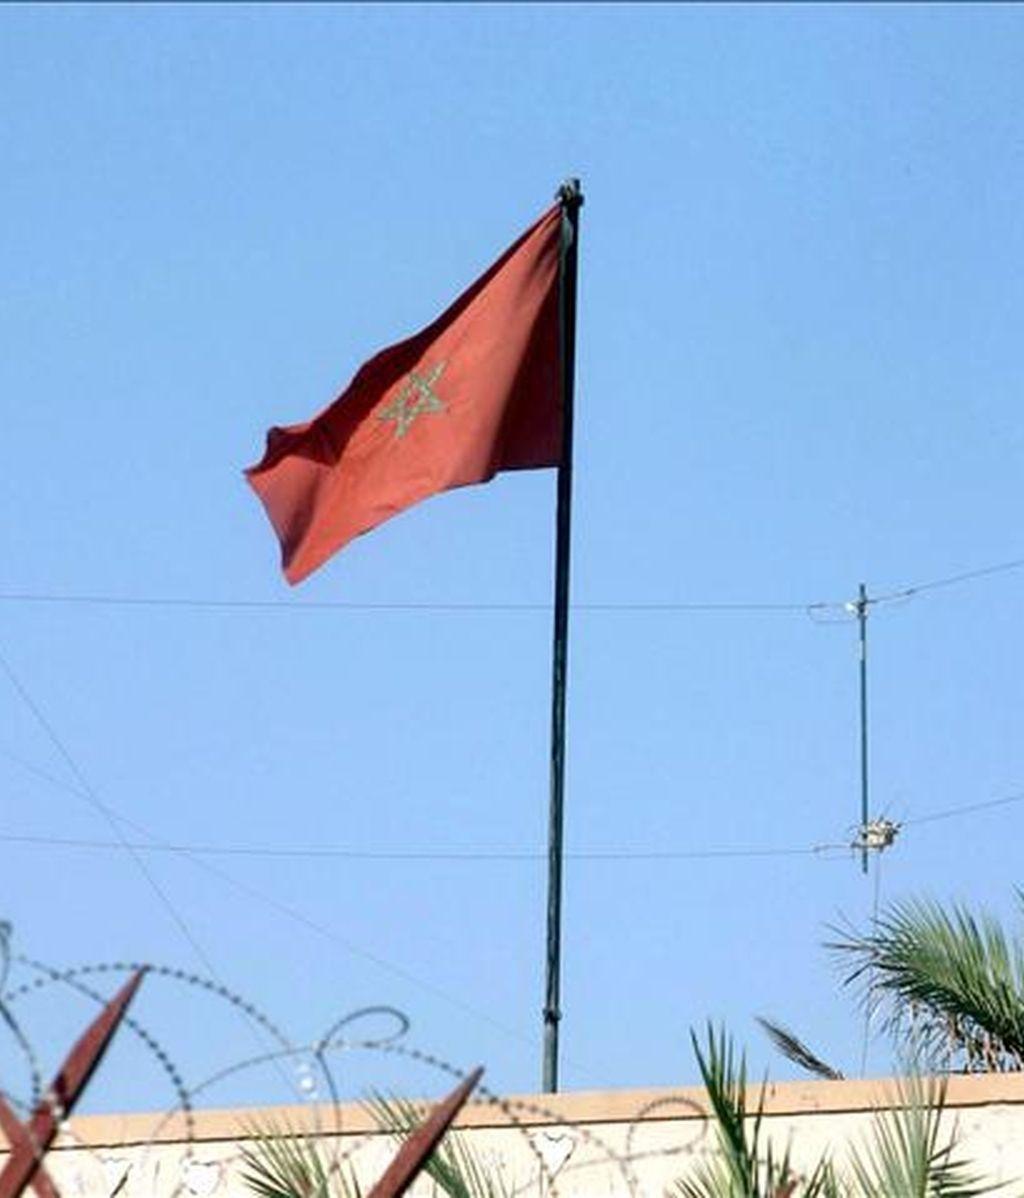 El Gobierno de Marruecos expulsó hoy del país a cuatro evangelistas españolas y a una alemana por haber llevado a cabo acciones de proselitismo. En la imagen, una bandera marroquí. EFE/Archivo